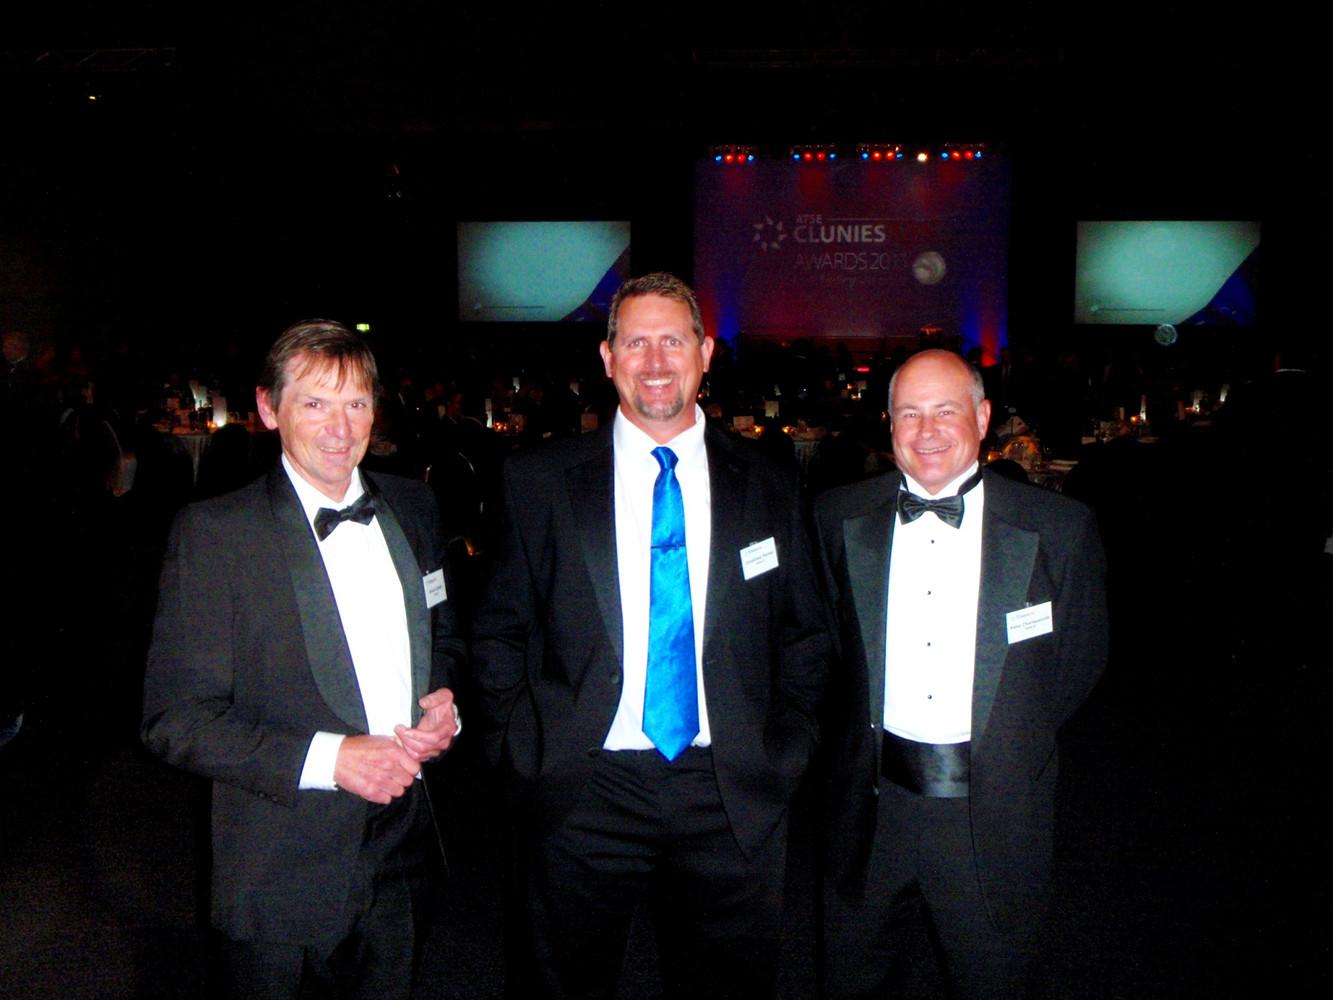 ATSE Clunies Ross Awards 2011